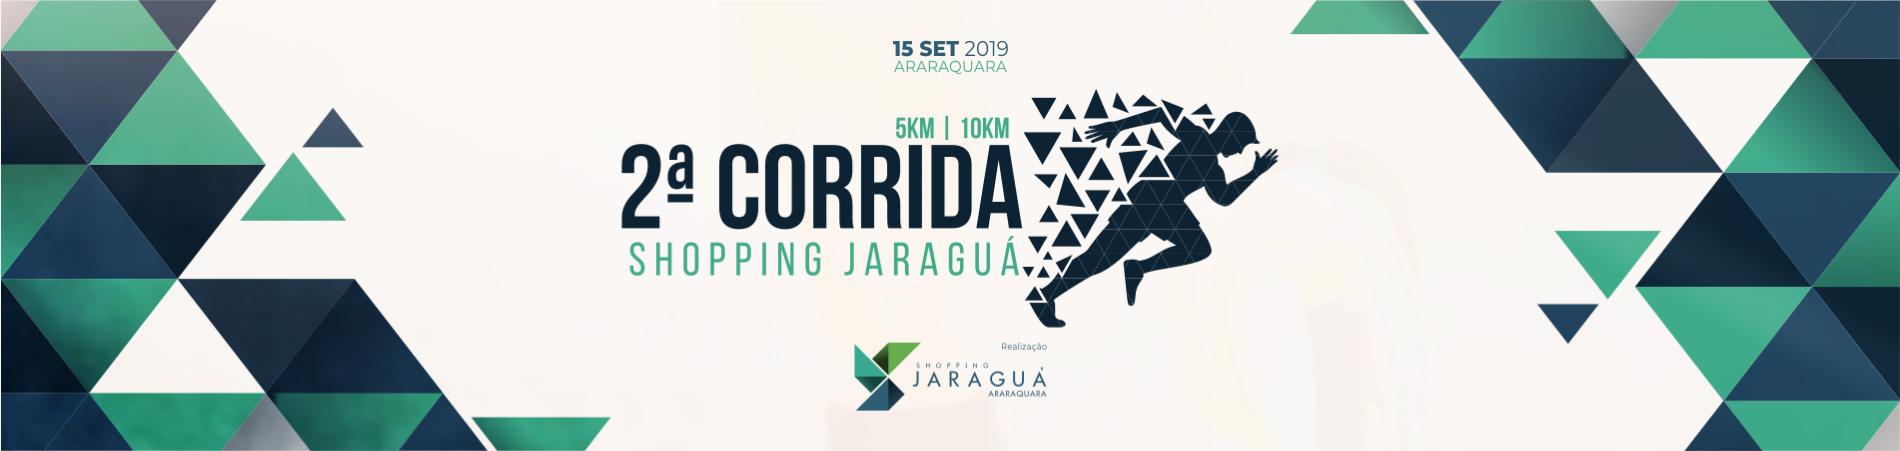 2ª CORRIDA SHOPPING JARAGUÁ